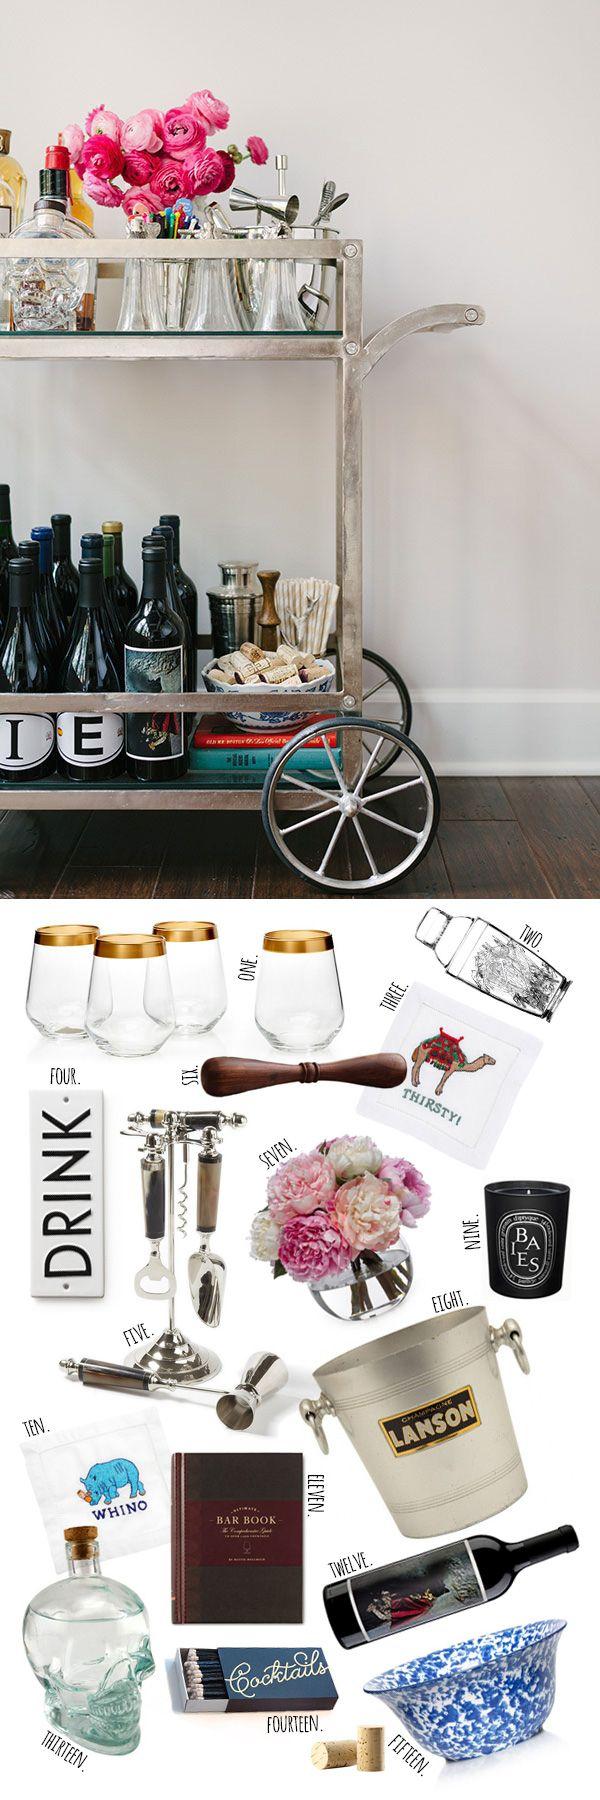 Top 15 Bar Cart Essentials